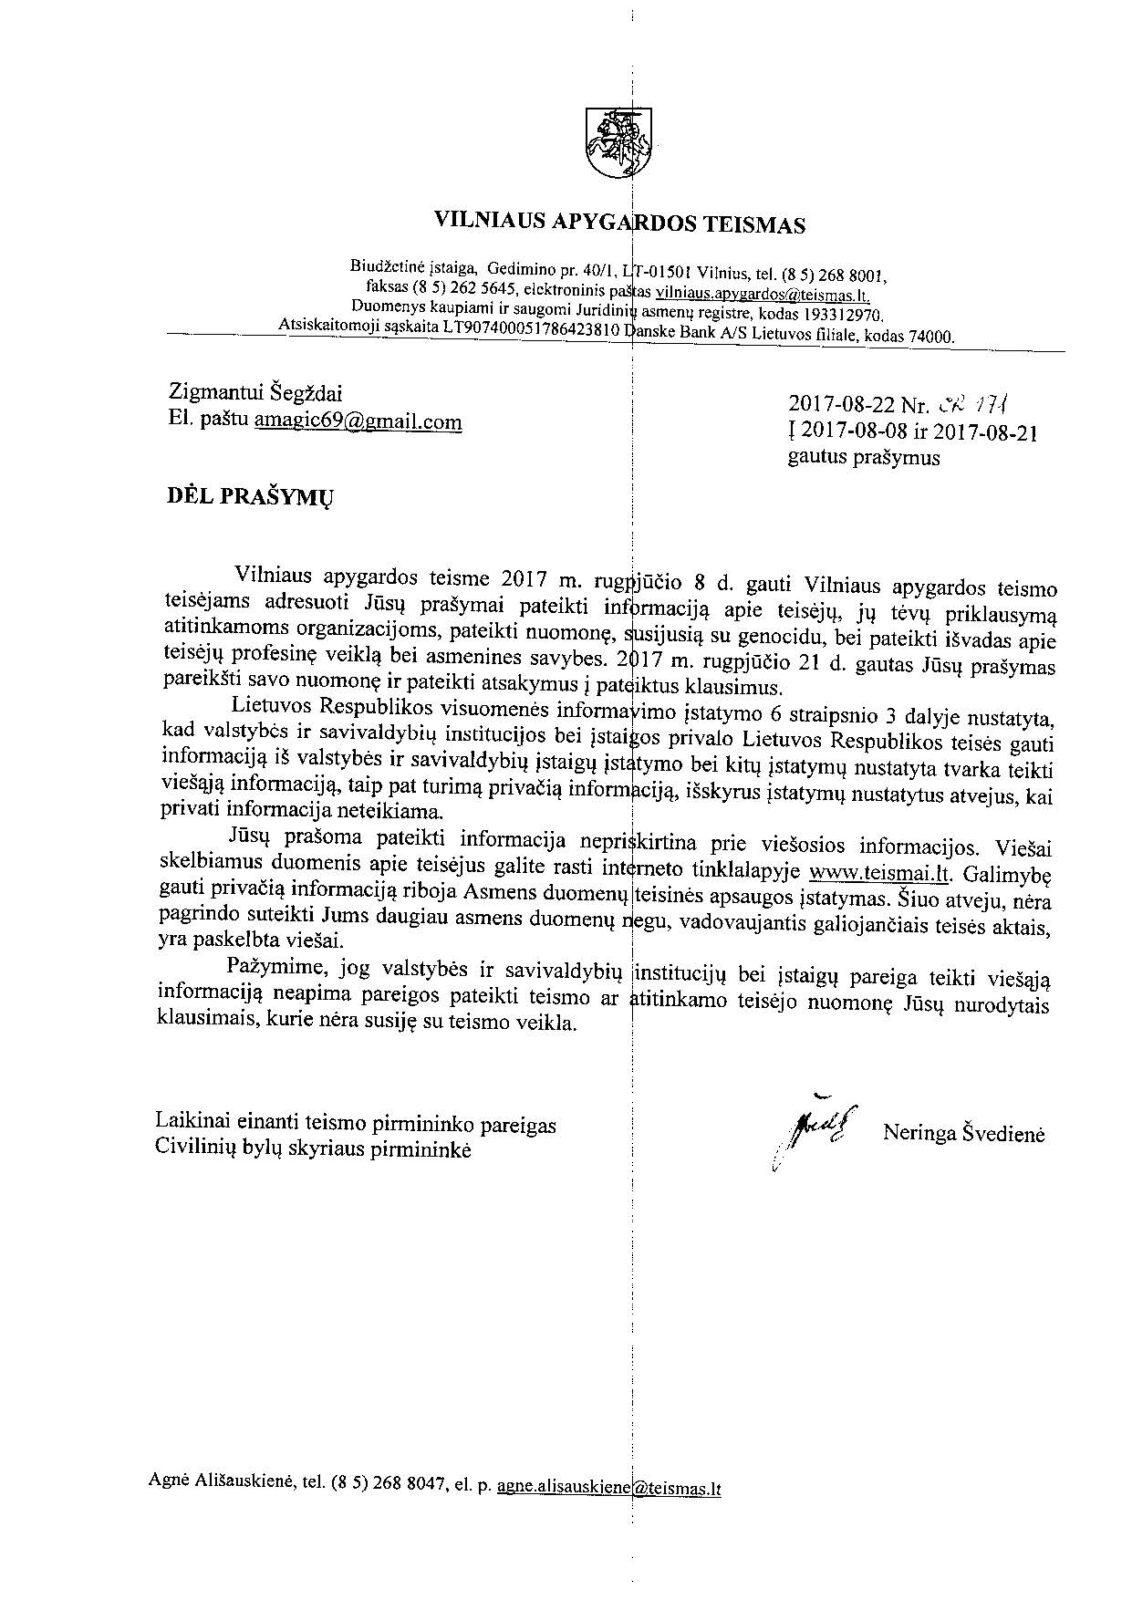 Apeliacinio teismo pirmininkas A.Valantinas ir jo aplinka, slepiantys tiesą apie veiklą SSSR struktūrose, turi trauktis iš pareigų